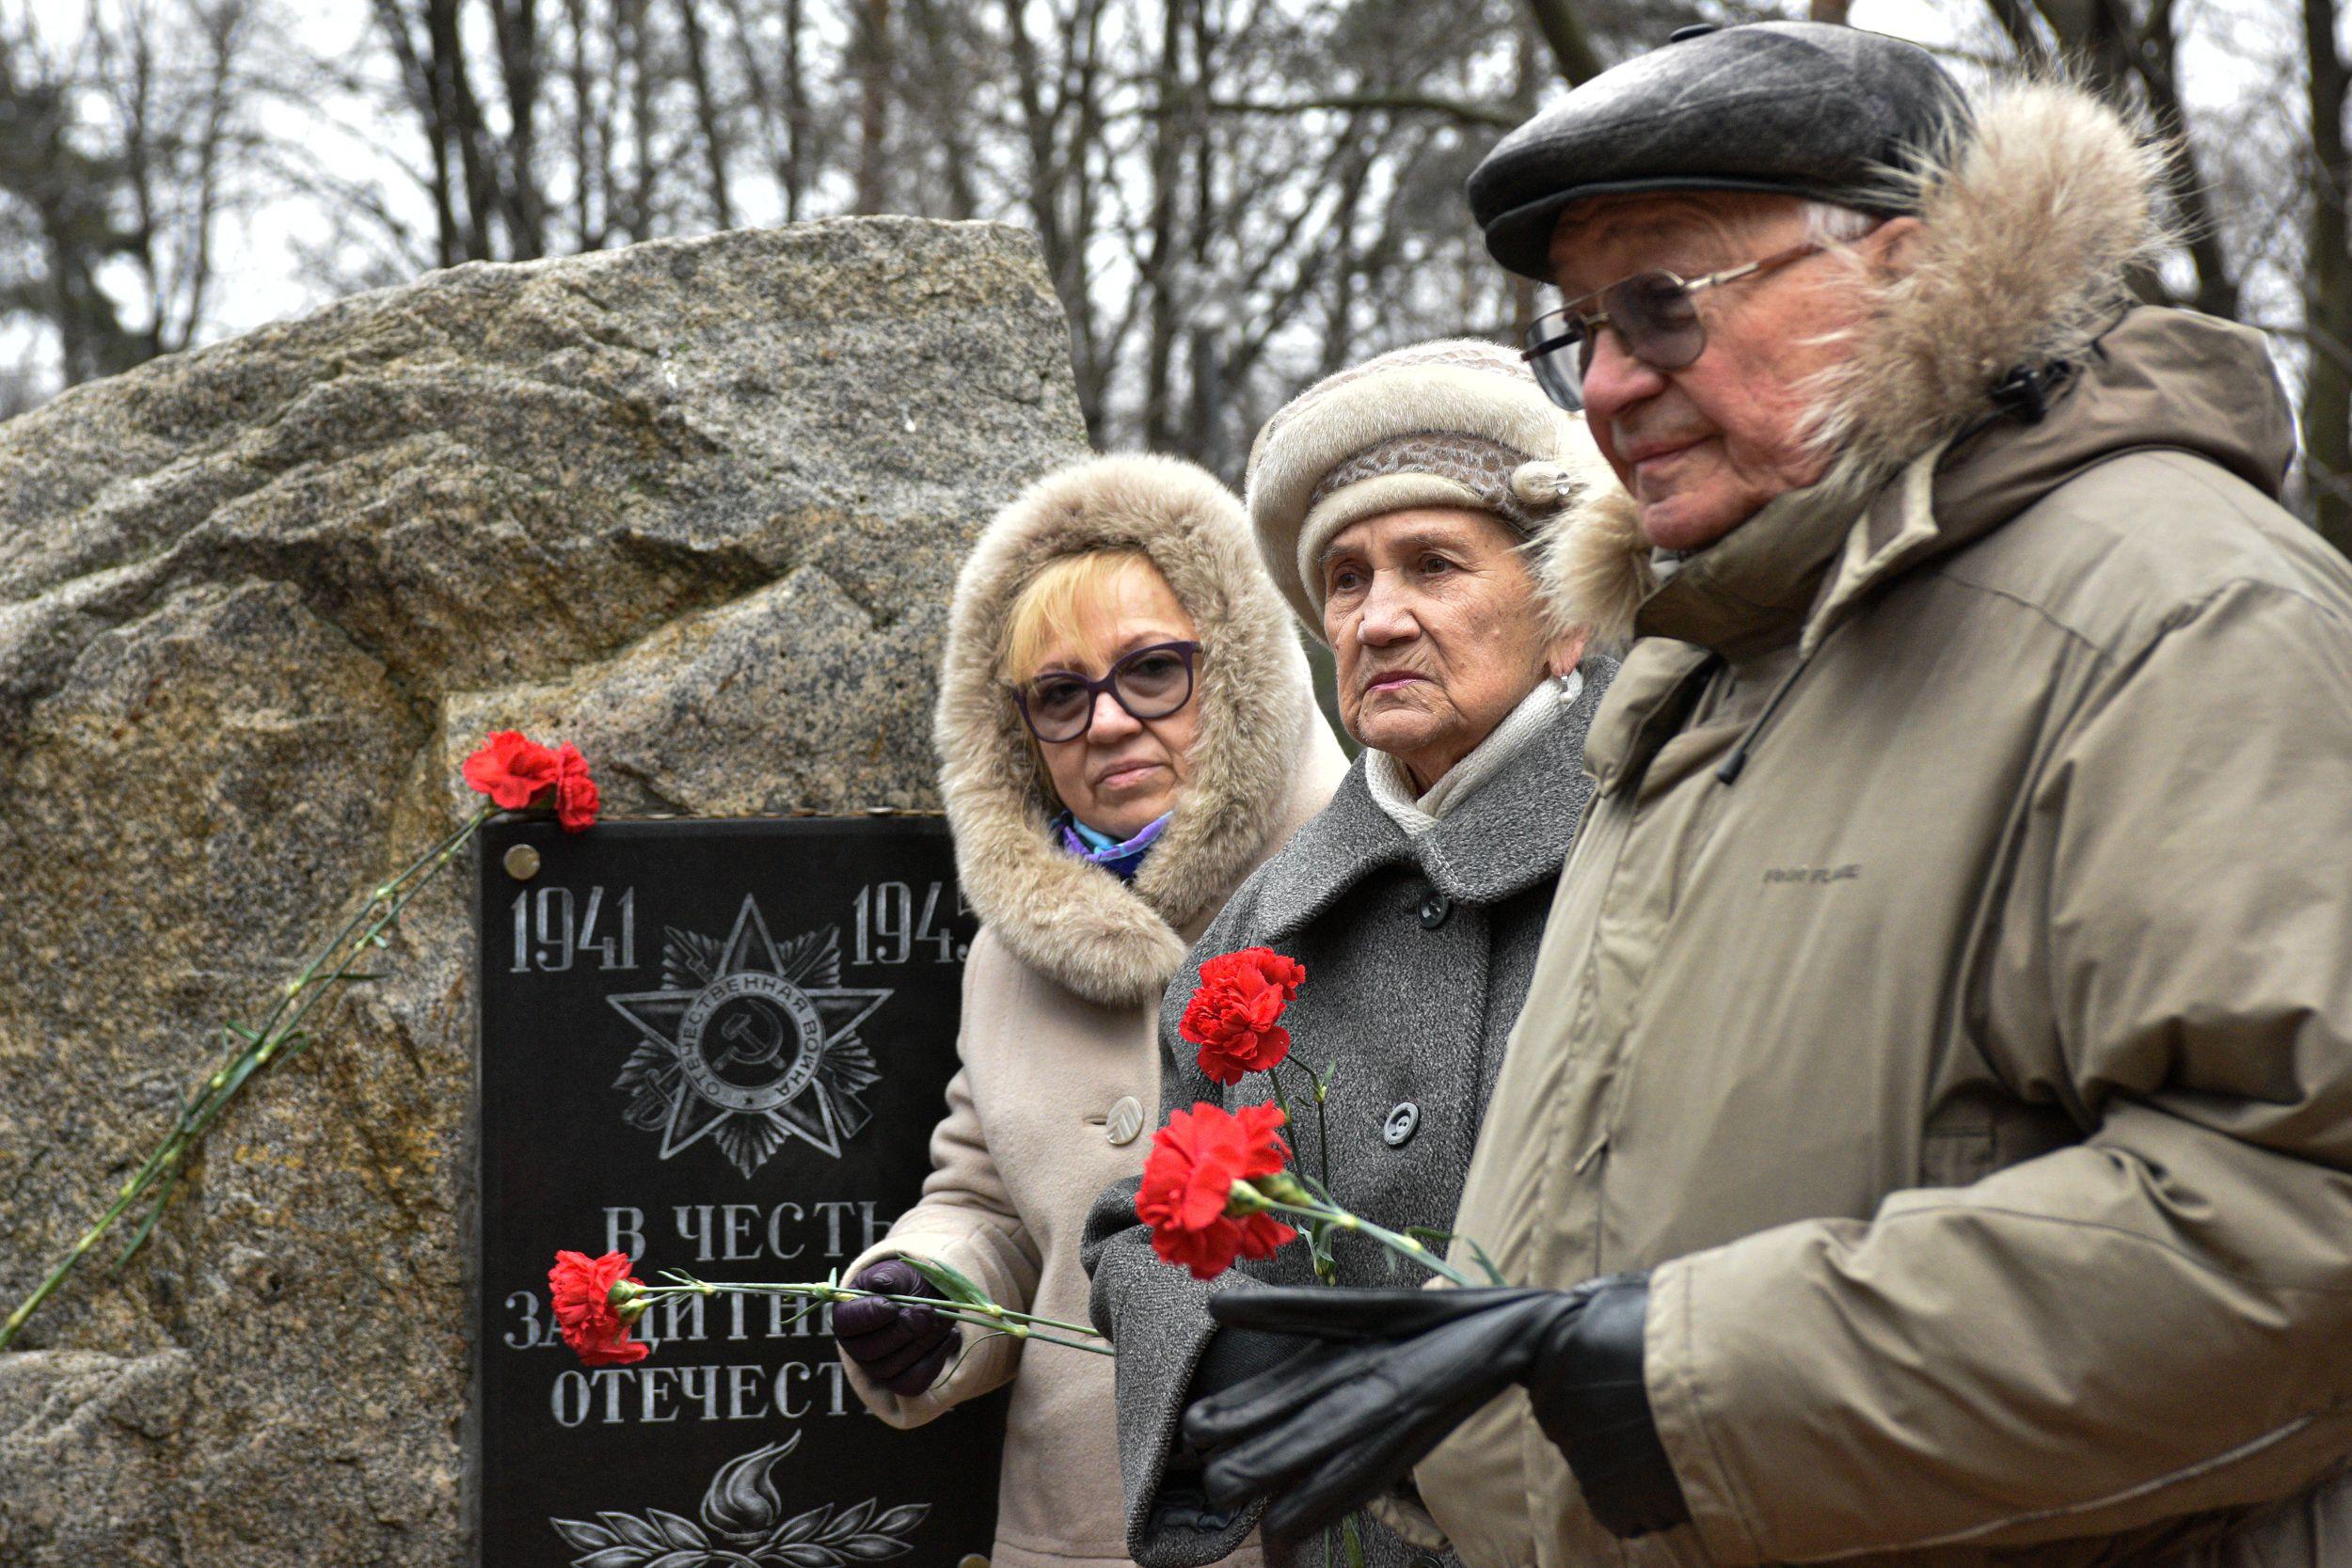 Ветераны возложили цветы к памятному камню